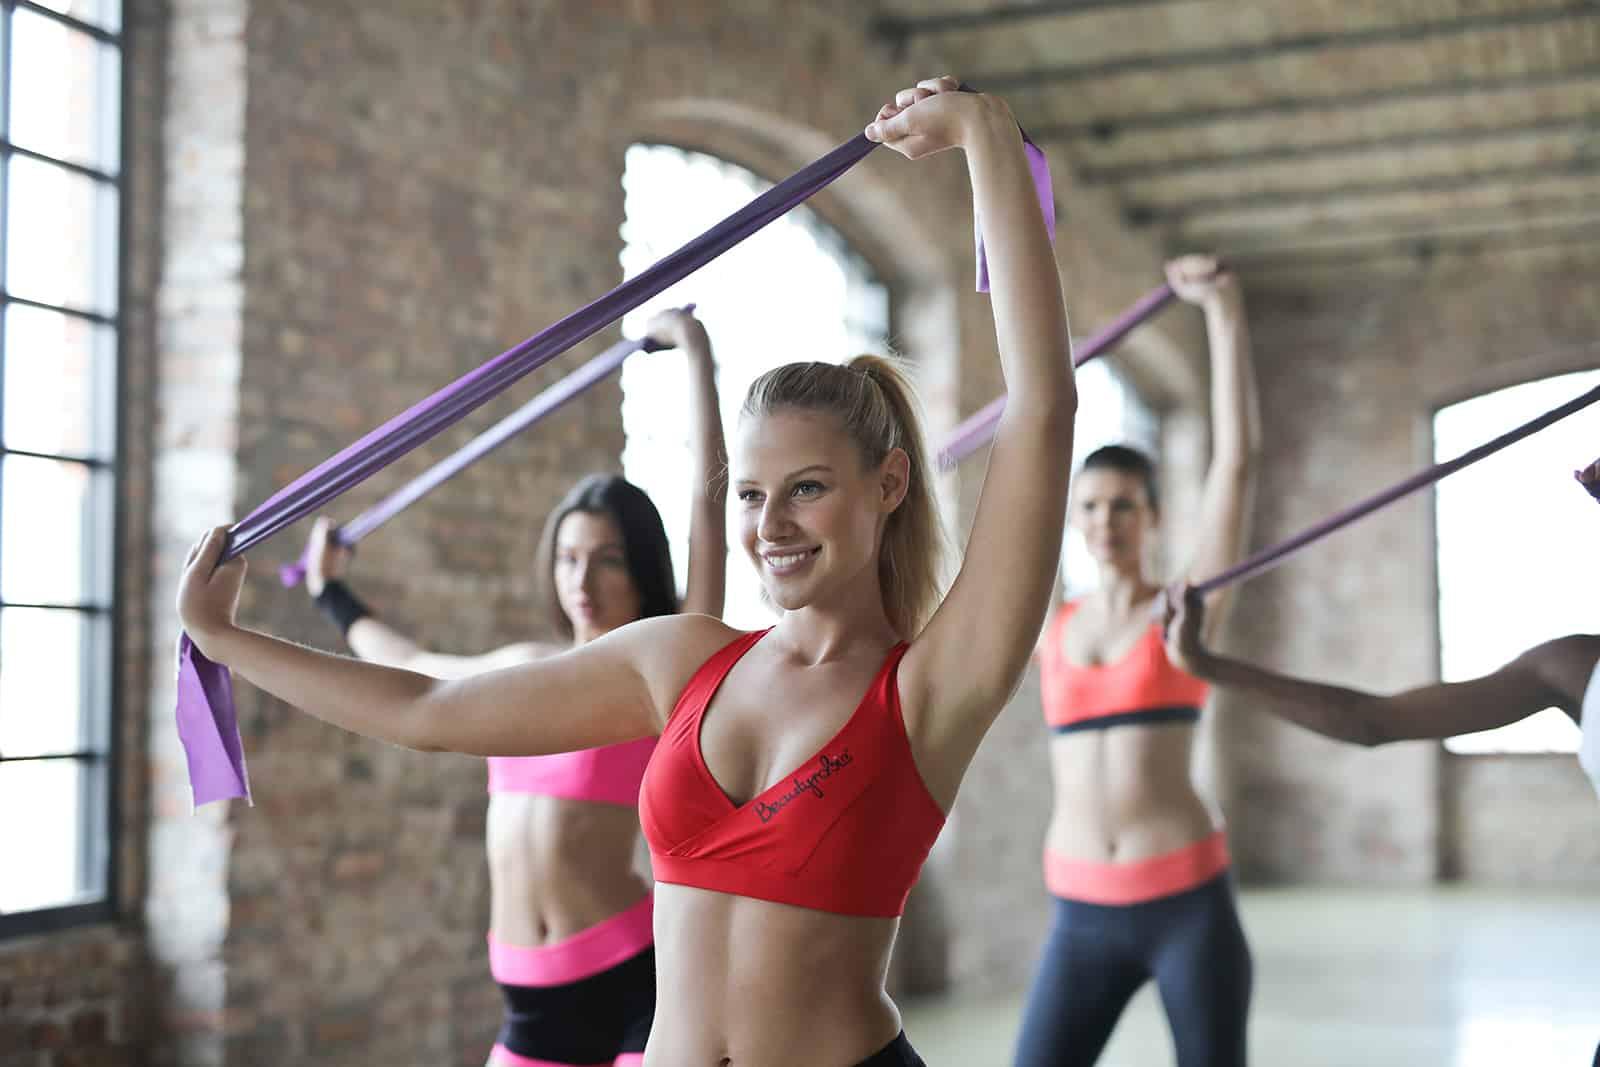 un groupe de femmes faisant des exercices dans la salle de fitness